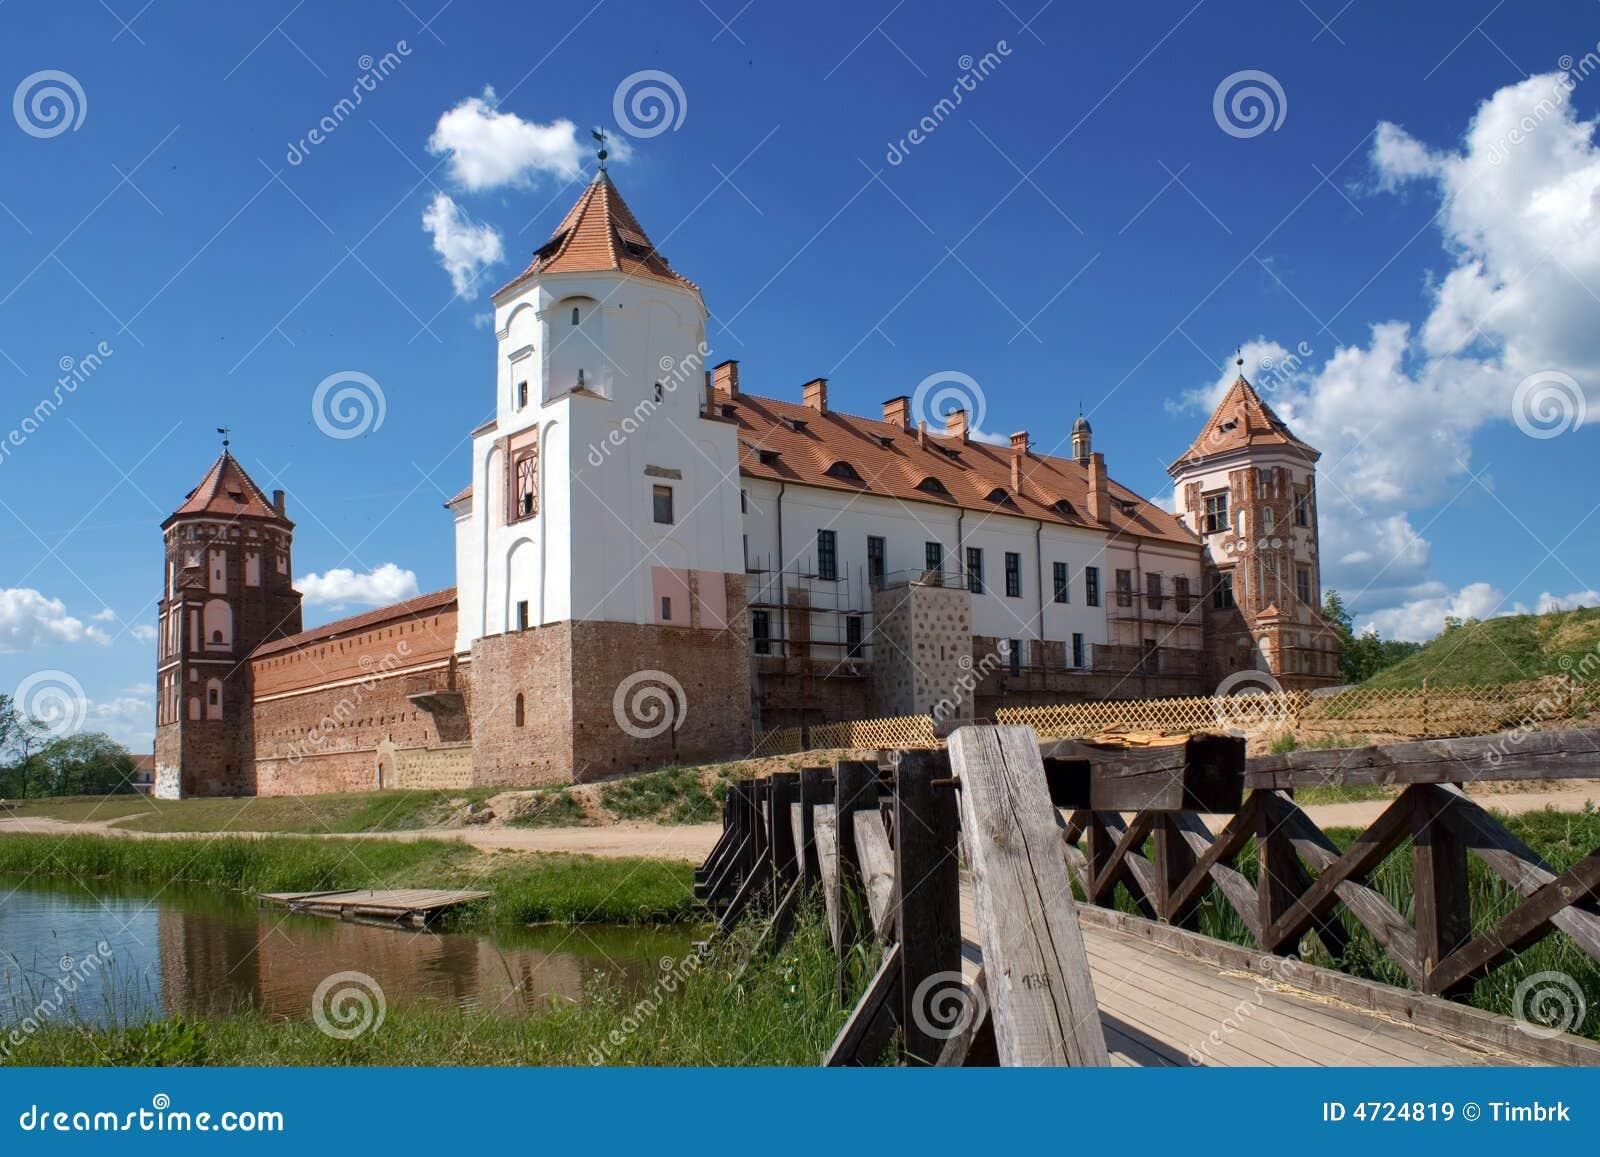 Slott som ska visas